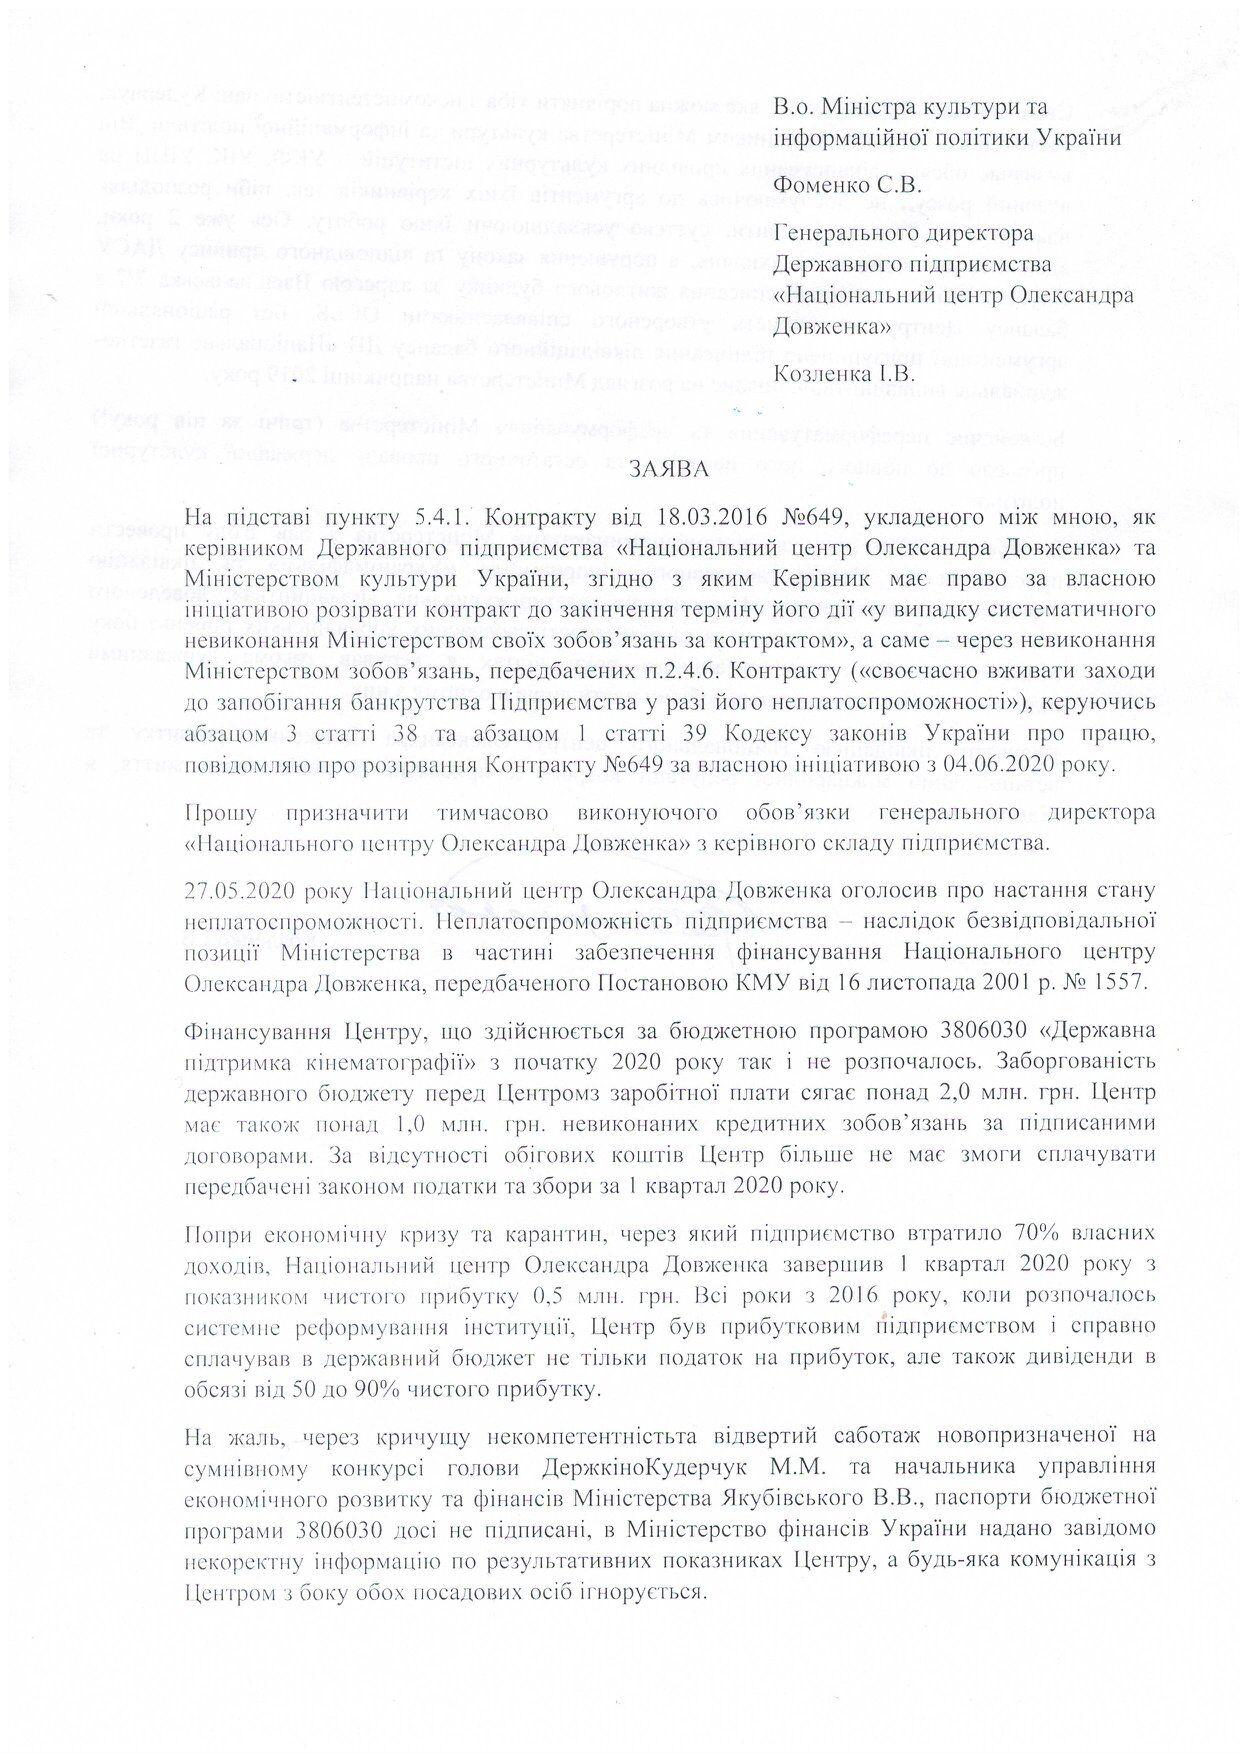 Заява Козленка